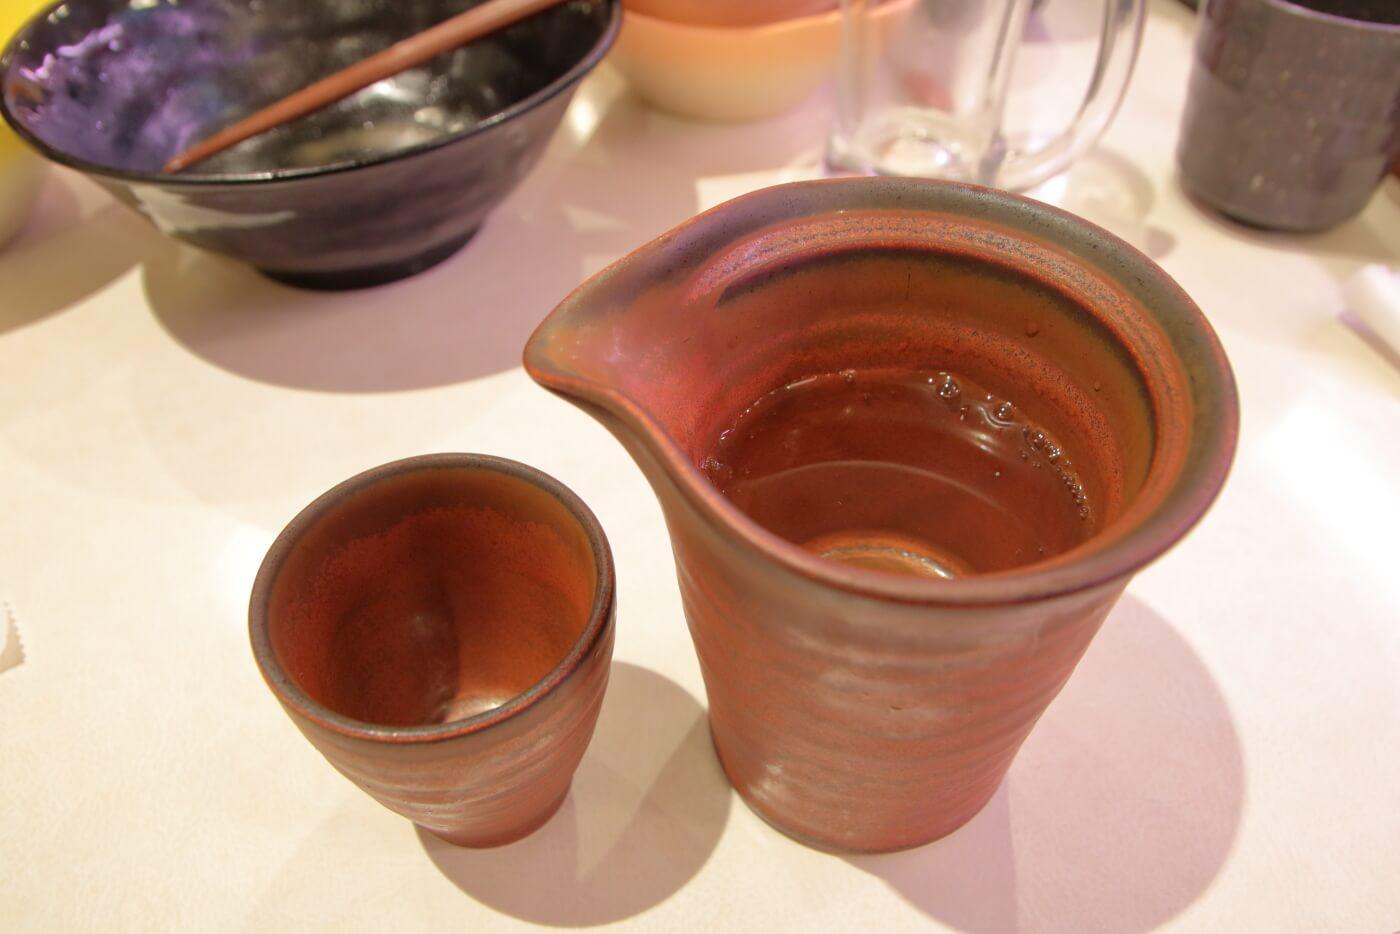 はま寿司 月桂冠 山田錦 純米 日本酒